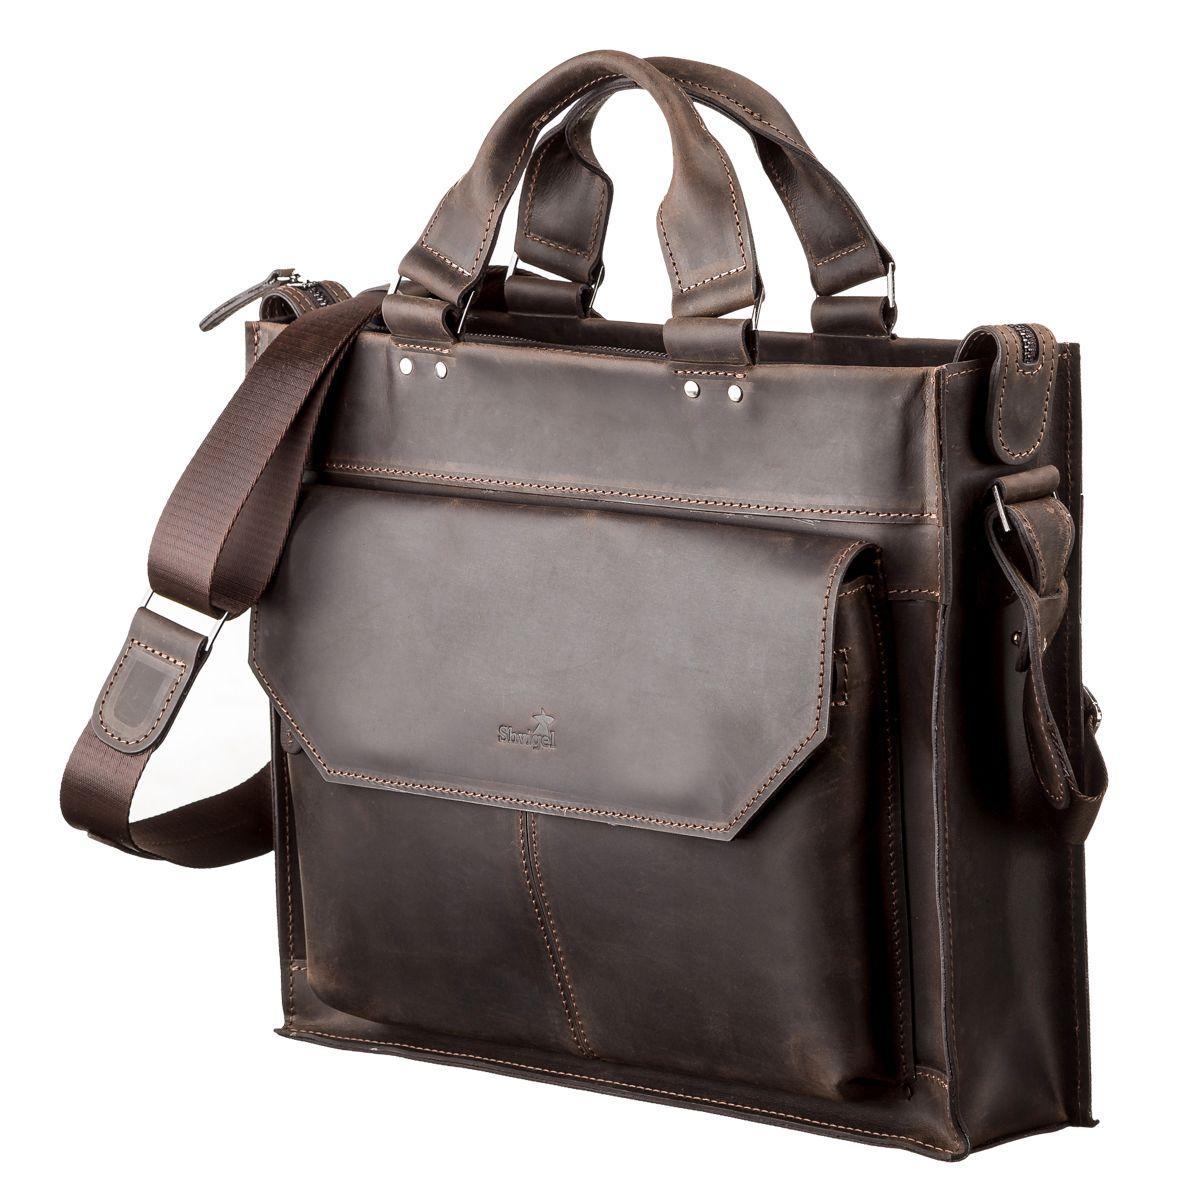 eefa158a6a51 Сумка кожаная мужская коричневая на плечо для ноутбука SHVIGEL 11109 ...